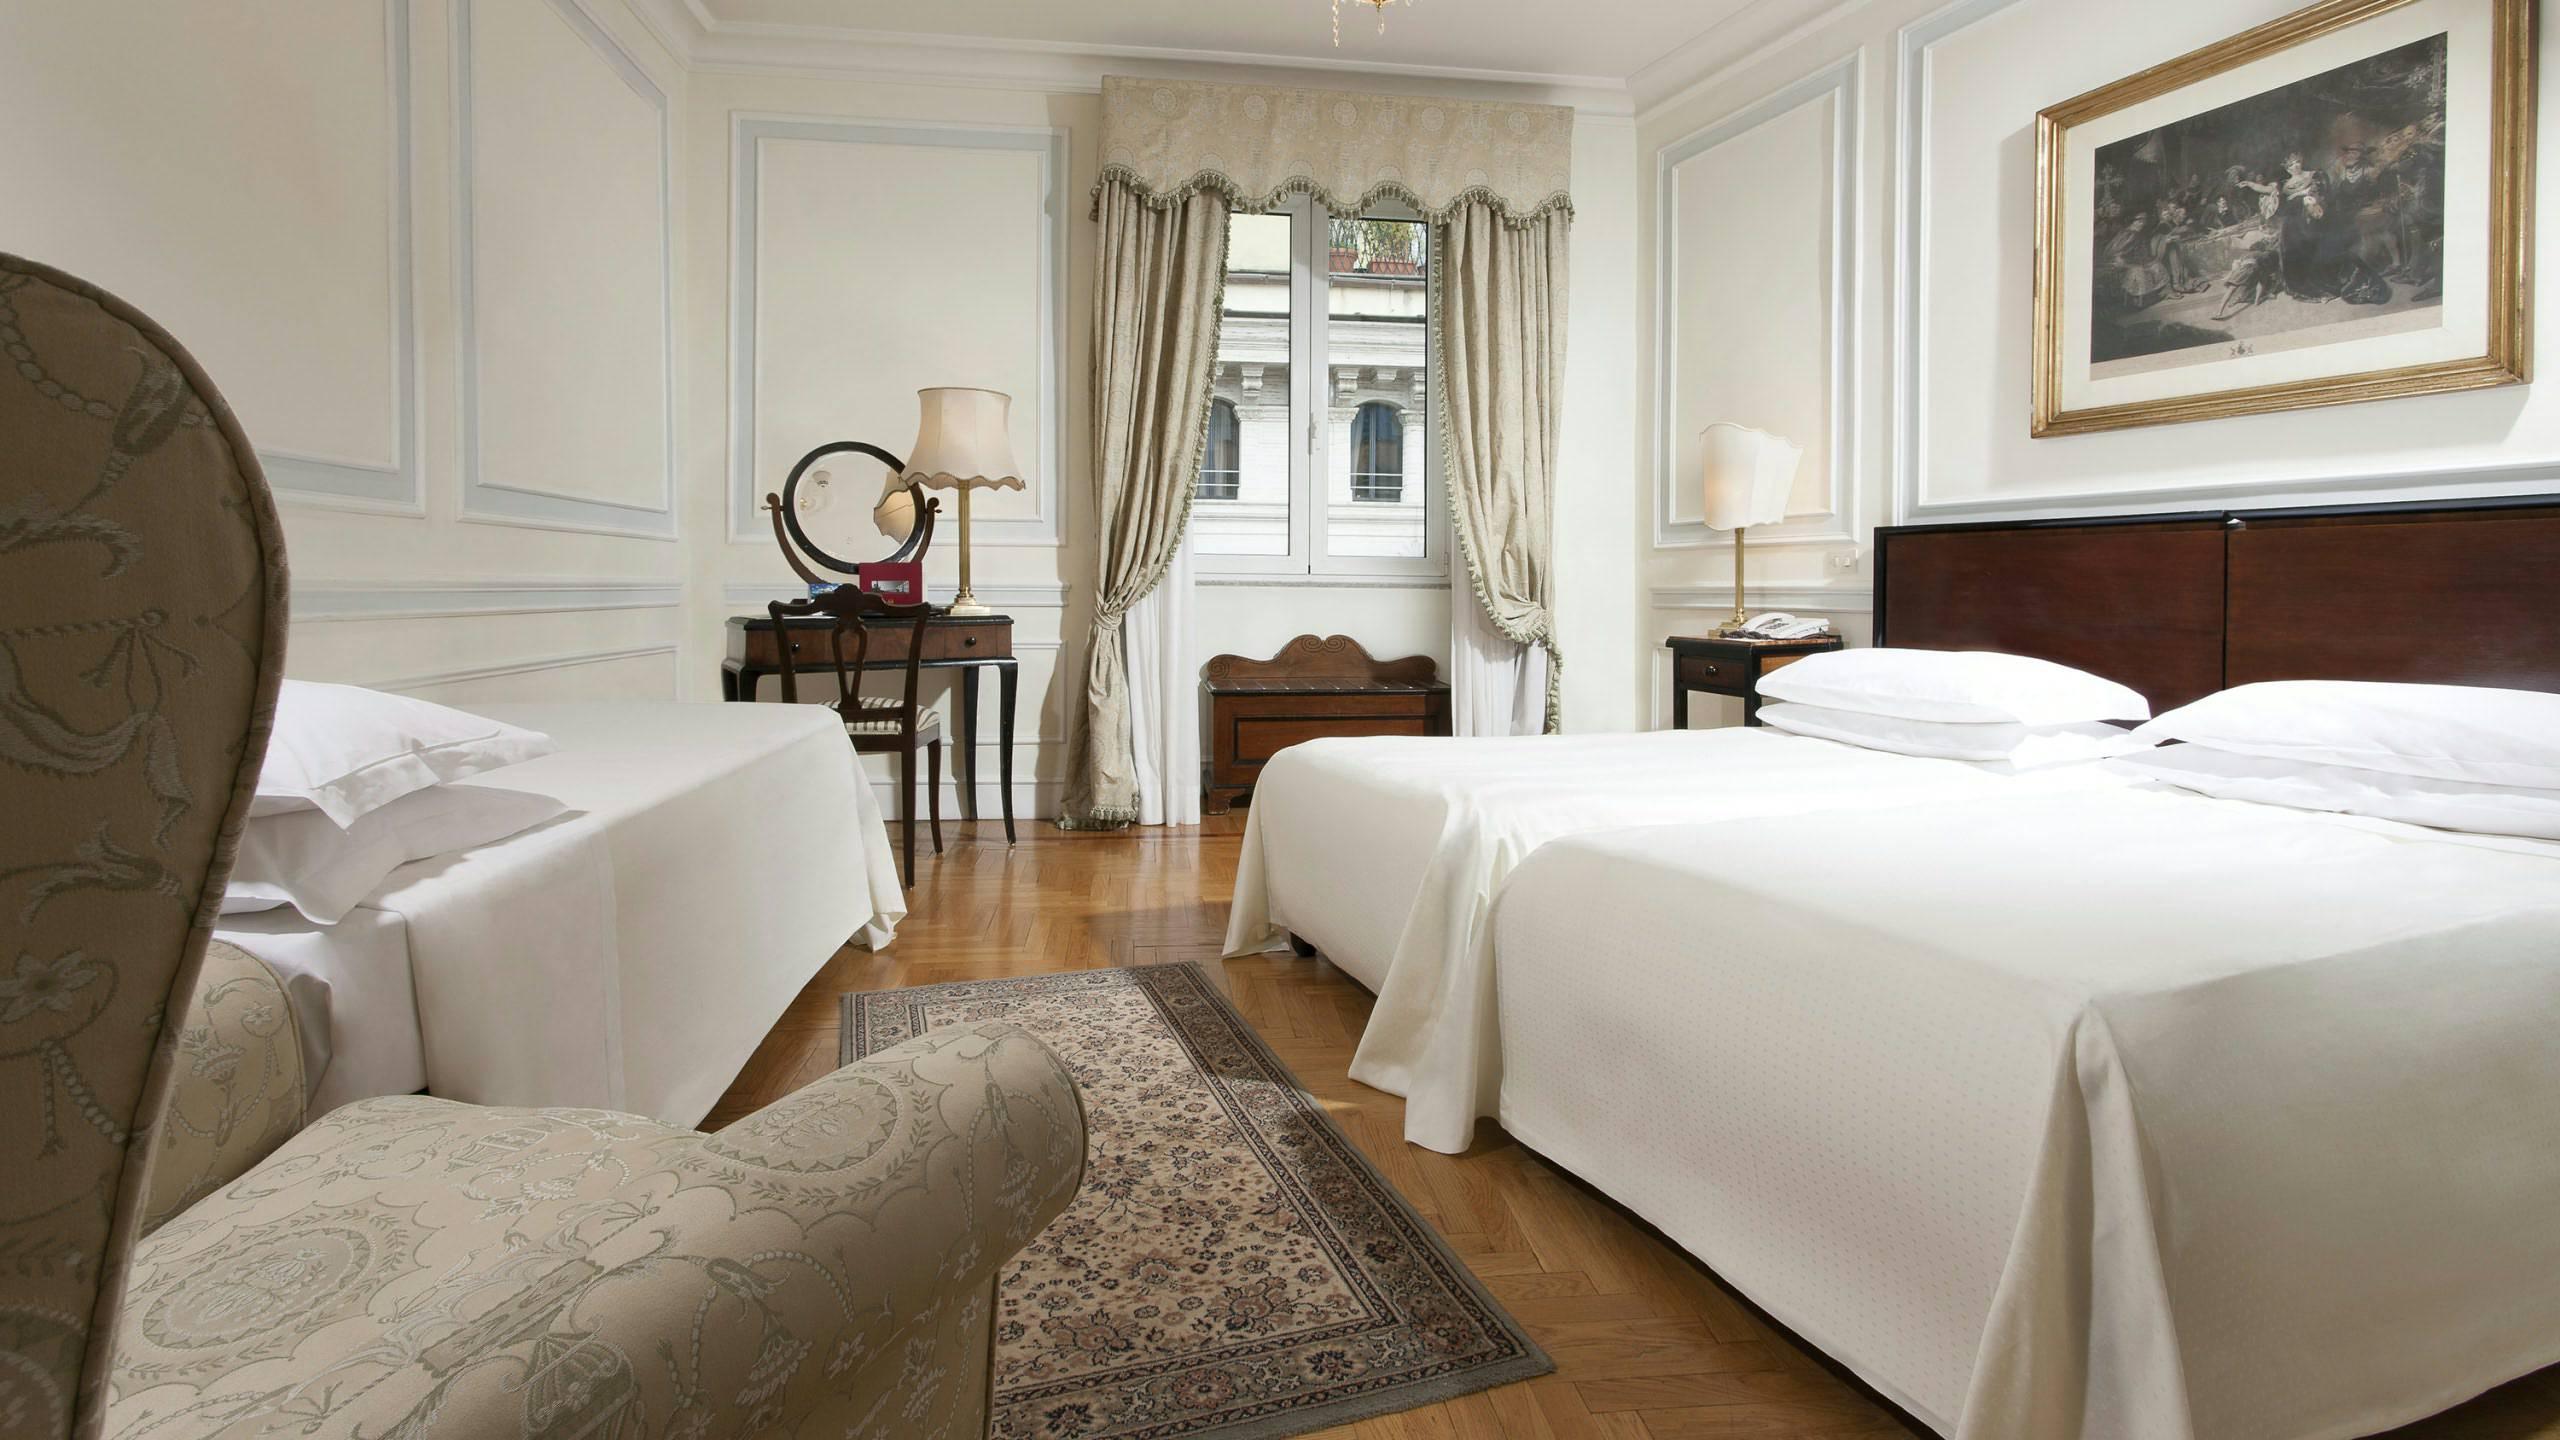 Hotel-Quirinale-Roma-camera-tripla-69